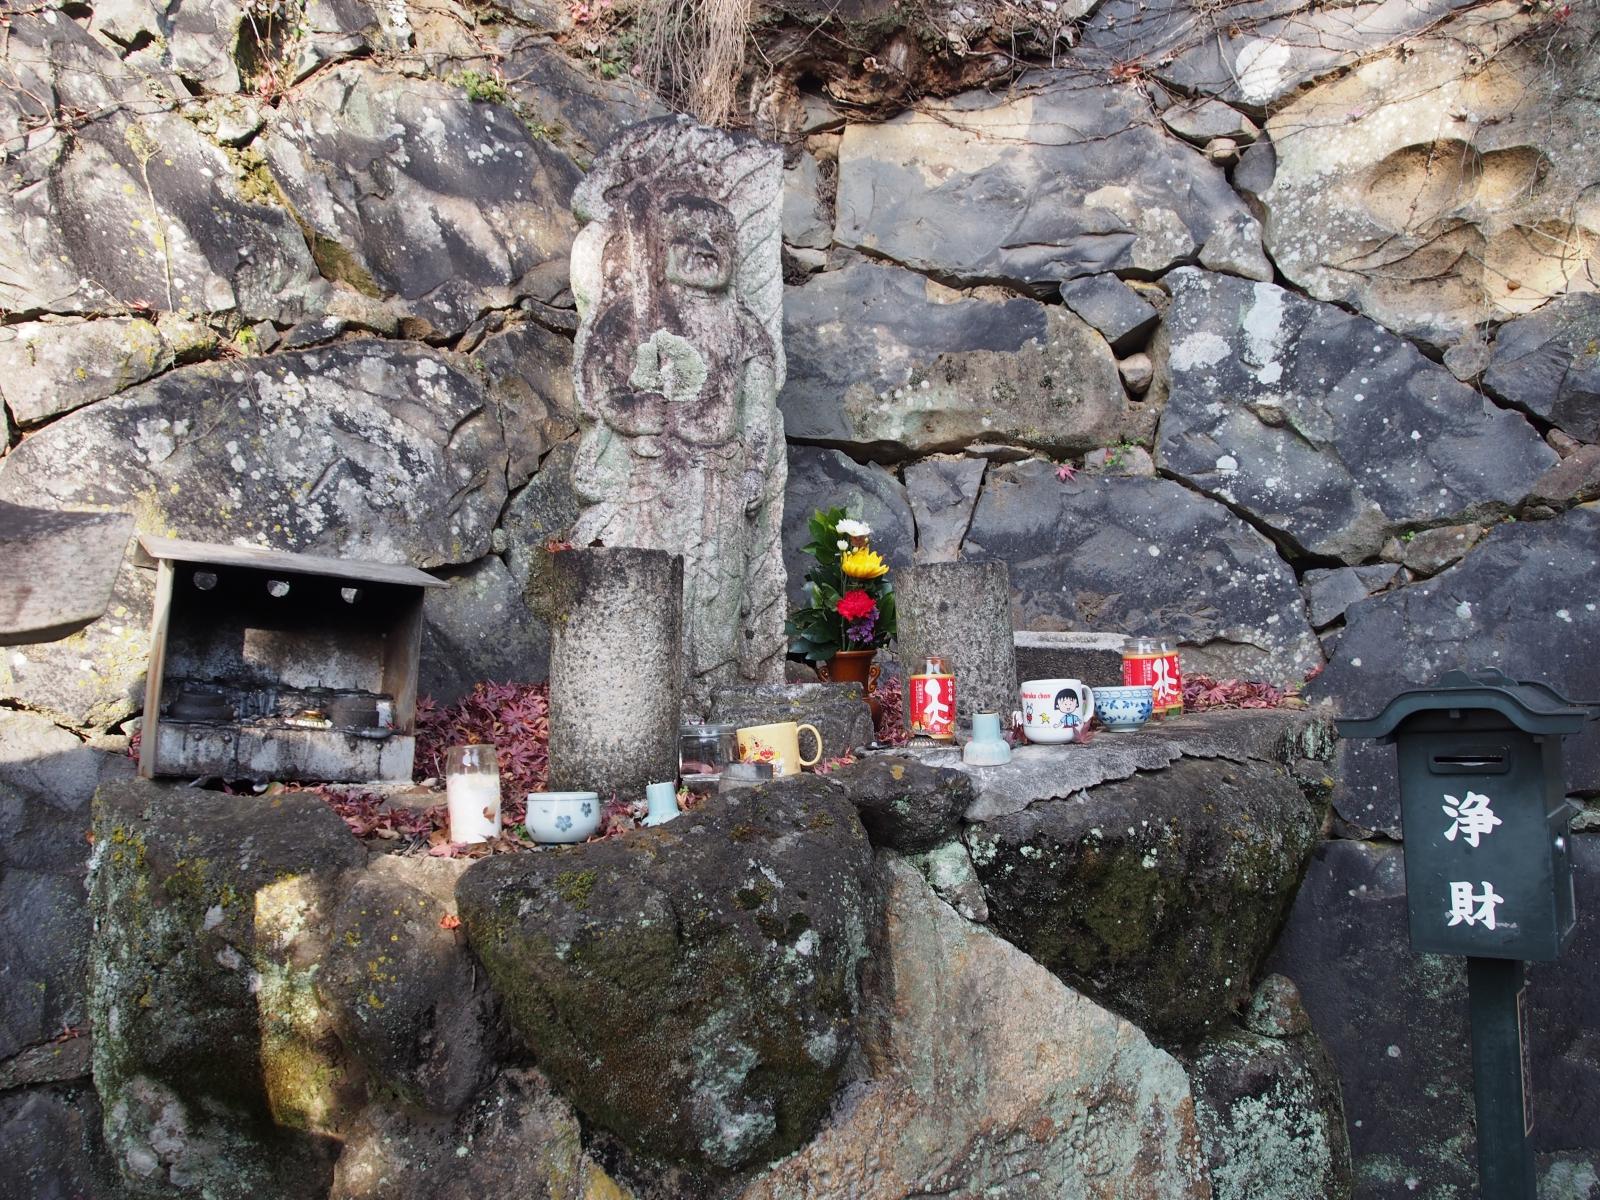 龍王の滝(東大寺)の石造不動明王立像